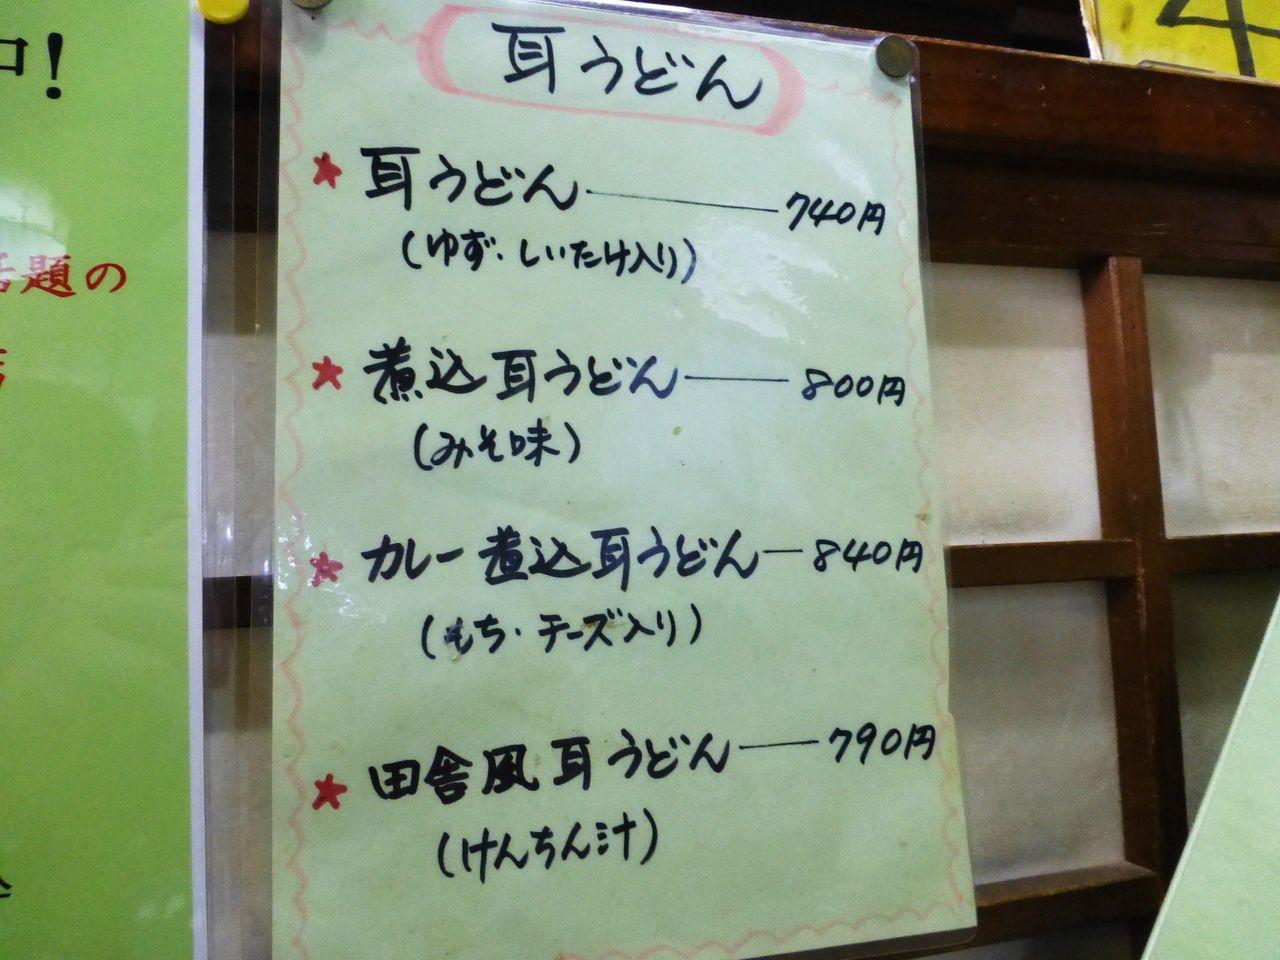 野村屋のメニュー(25年9月現在)